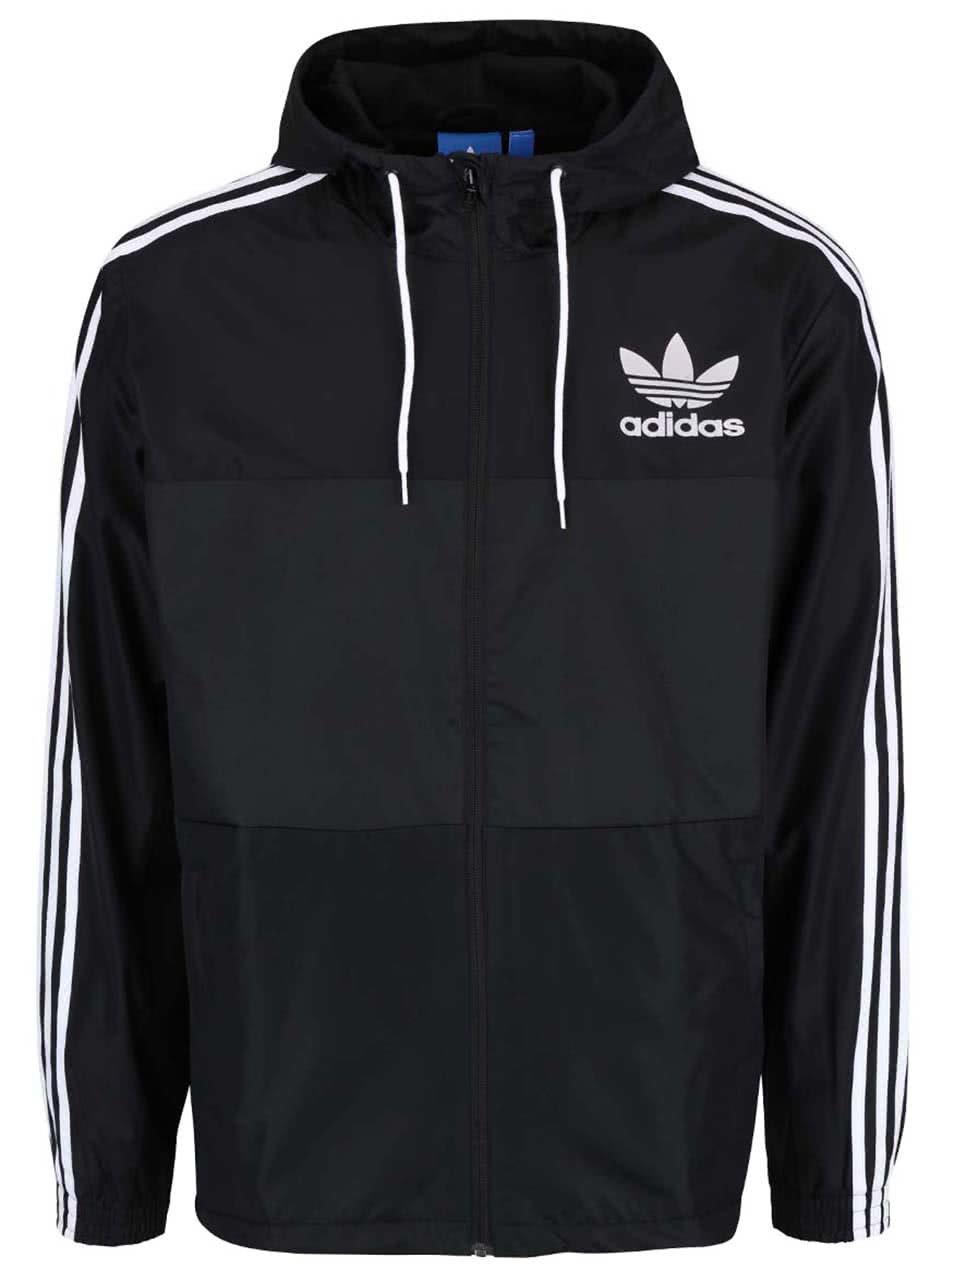 Černá pánská lehká bunda s kapucí adidas Originals CLFN